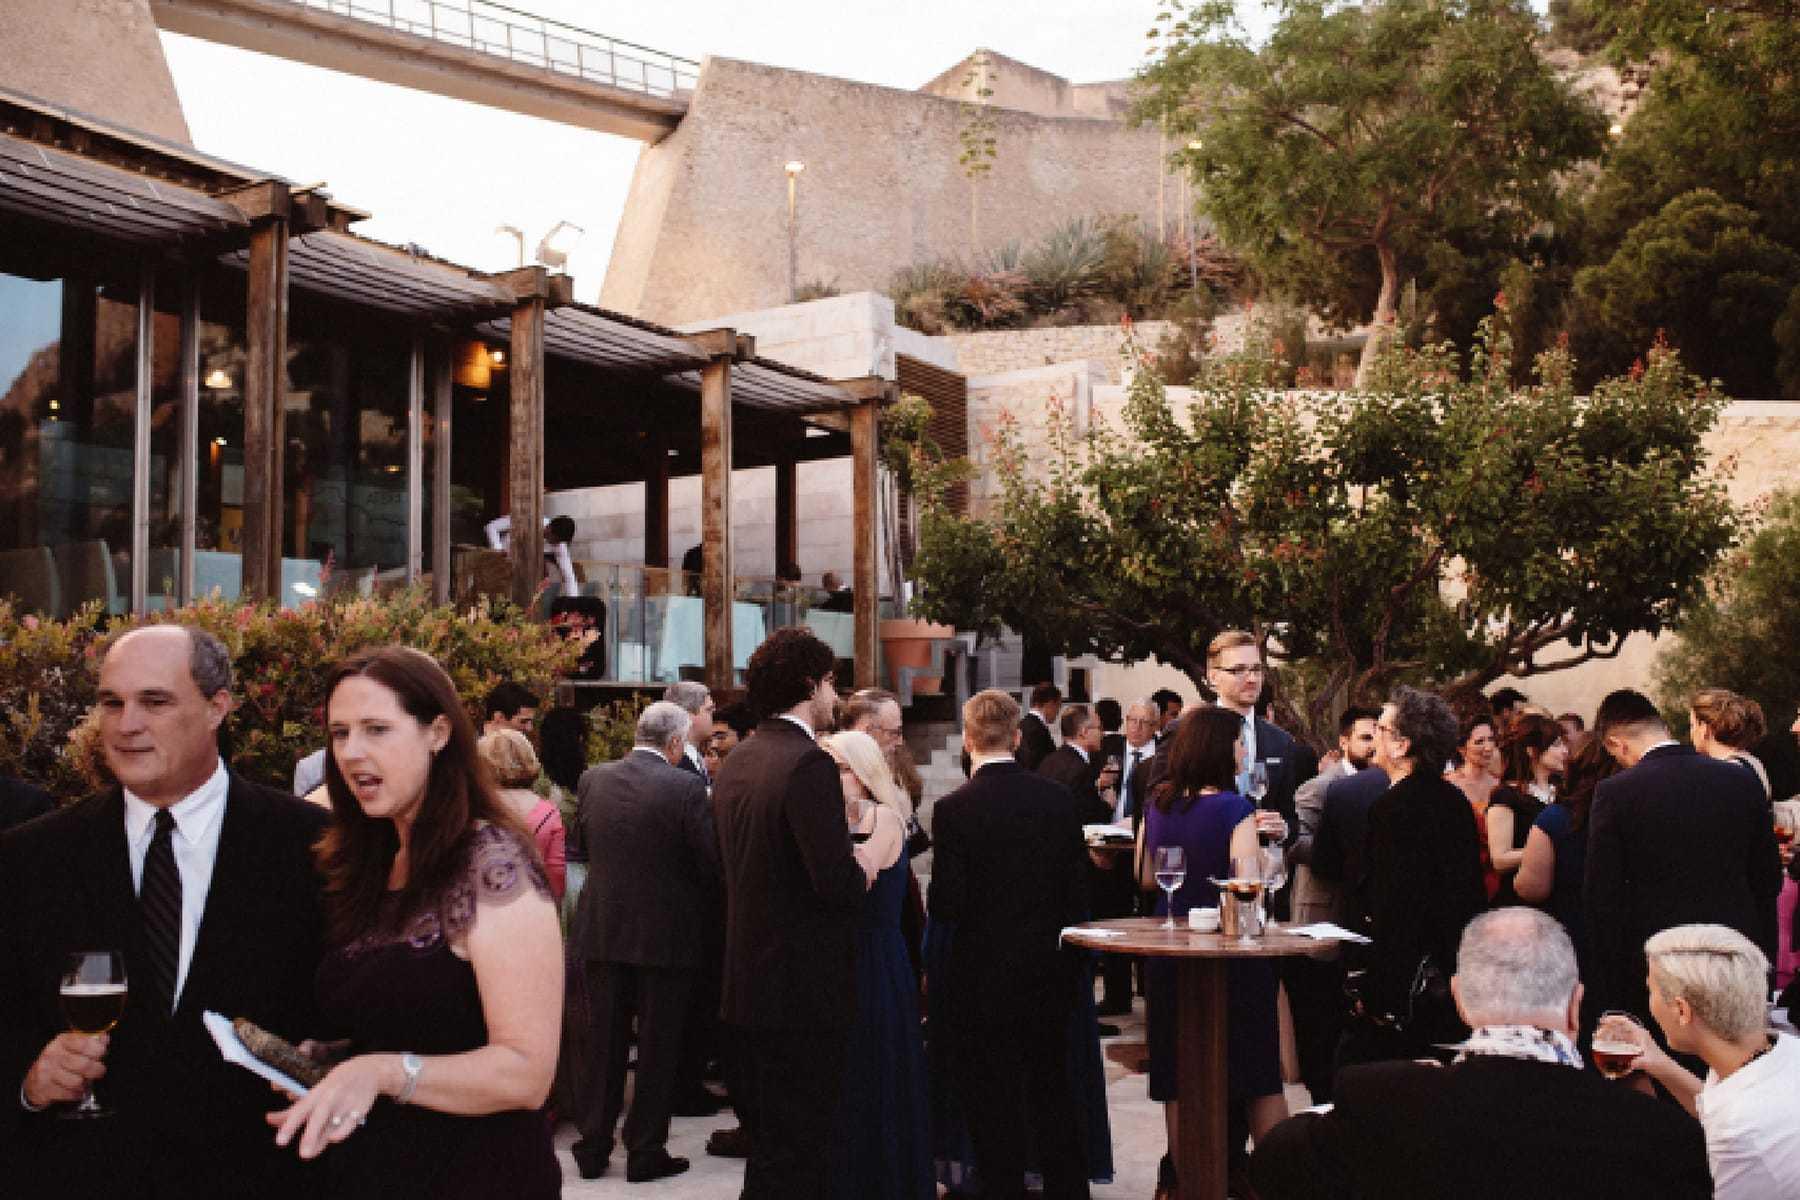 restaurante_la_ereta_hilario_sanchez_fotografo_boda_alicante_110